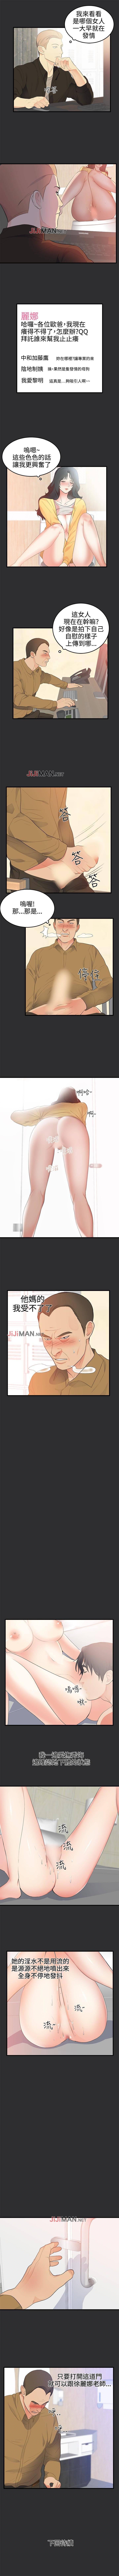 【已完结】性癖好(作者:主寧 & 洗髮精) 第1~30话 95